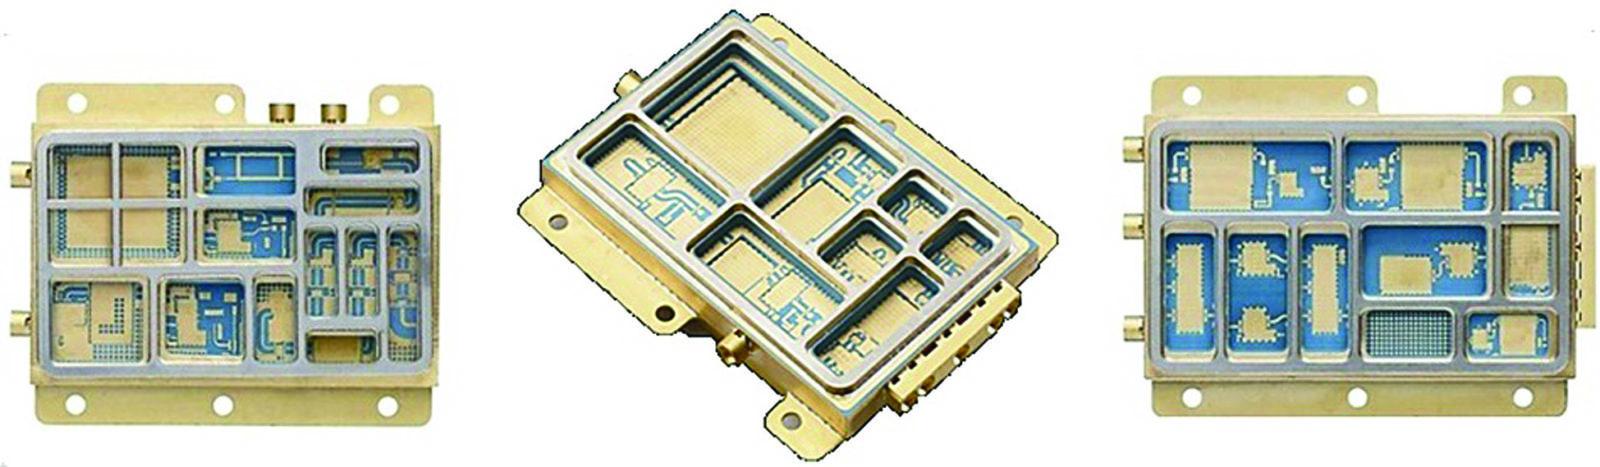 Корпуса для MCM-C-компонентов компании KYOCERA